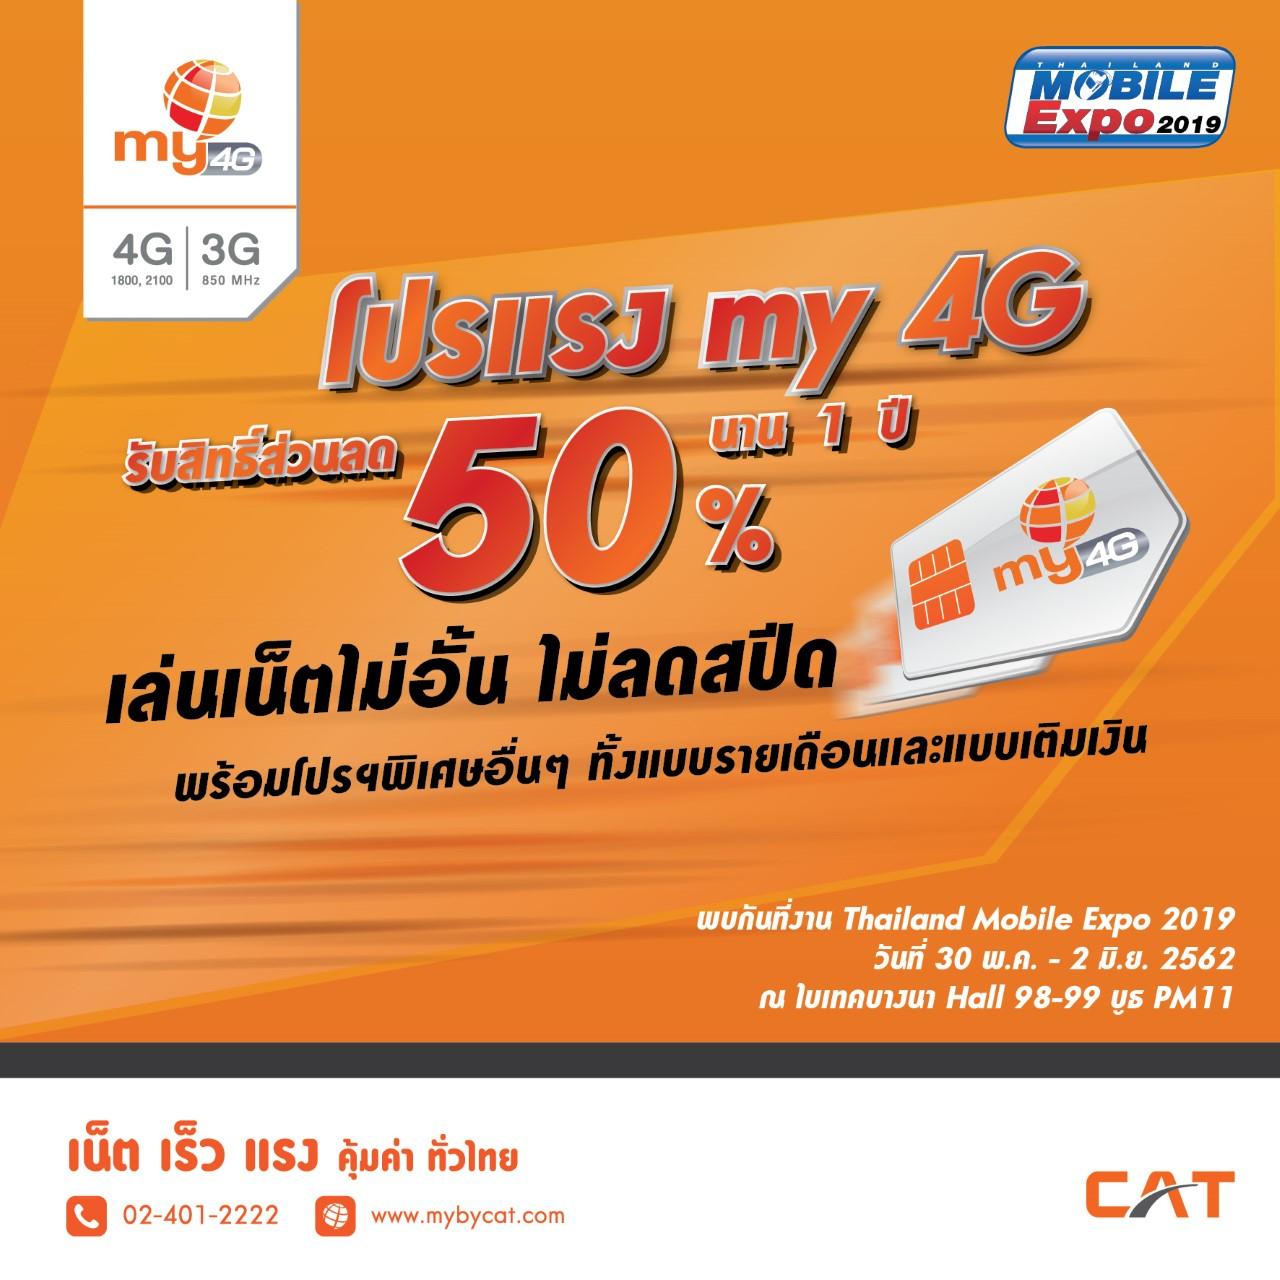 my by CAT ขนโปรเด็ด 3 สไตล์สุดคุ้ม ในงานไทยแลนด์ โมบาย เอ็กซ์โป 2019